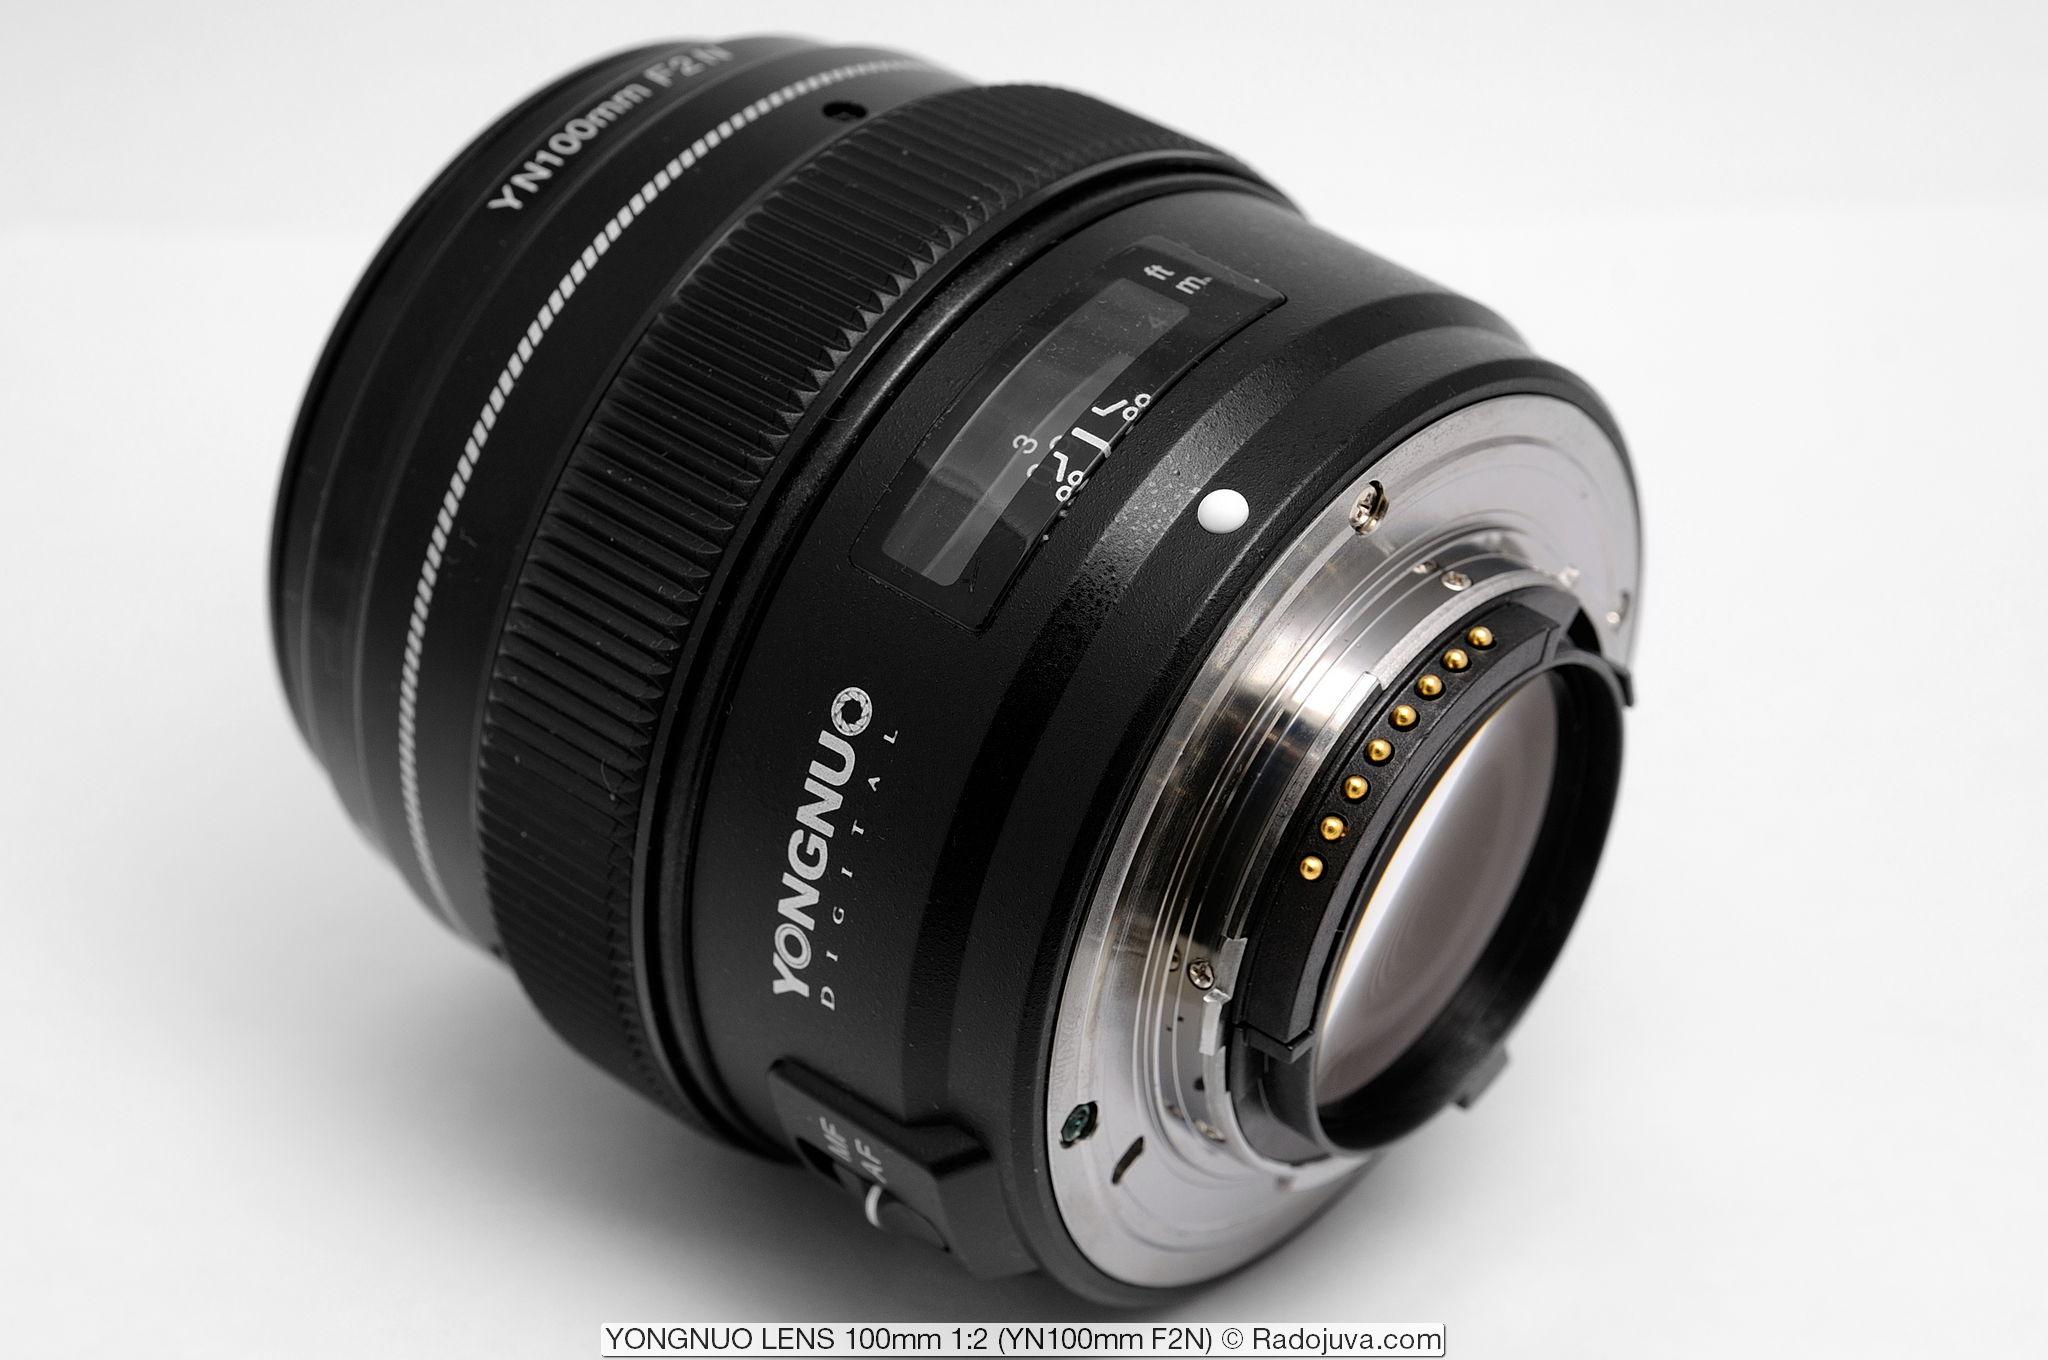 YONGNUO LENS 100mm 1:2 YN100mm F2N для Nikon